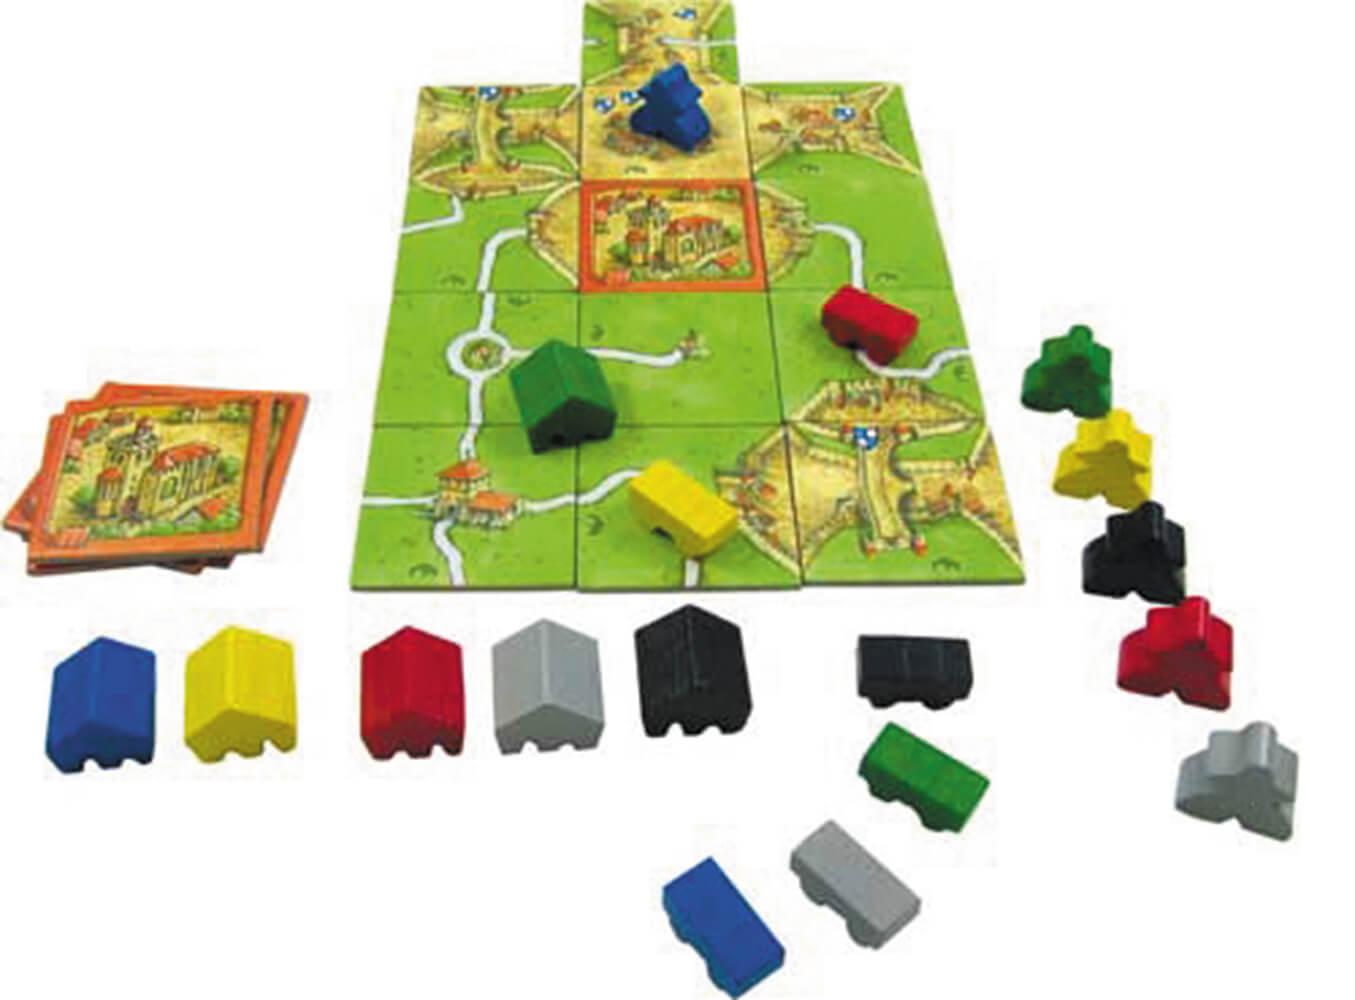 Spielmaterial - Spielbrett mit Holzfiguren- Carcassonne - Abtei und Bürgermeister